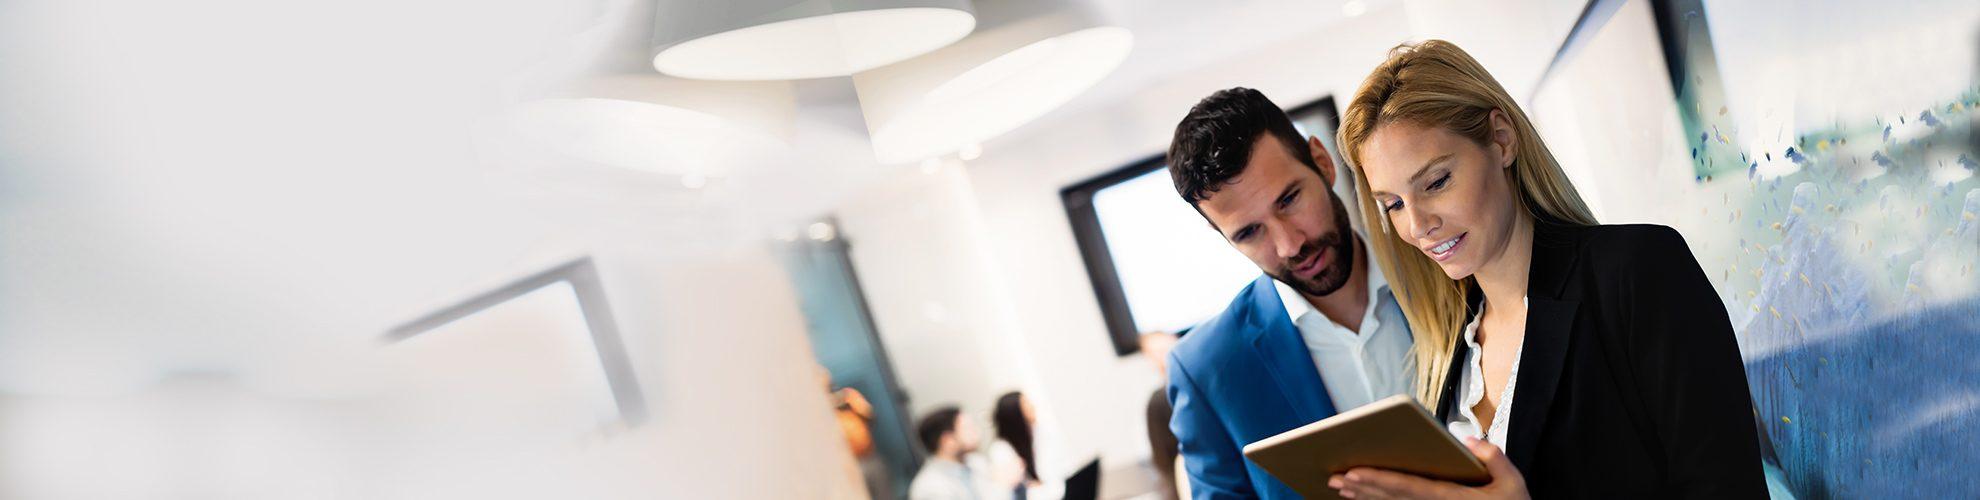 L'approccio consulenziale e le opportunità di business per commercialisti e consulenti del lavoro